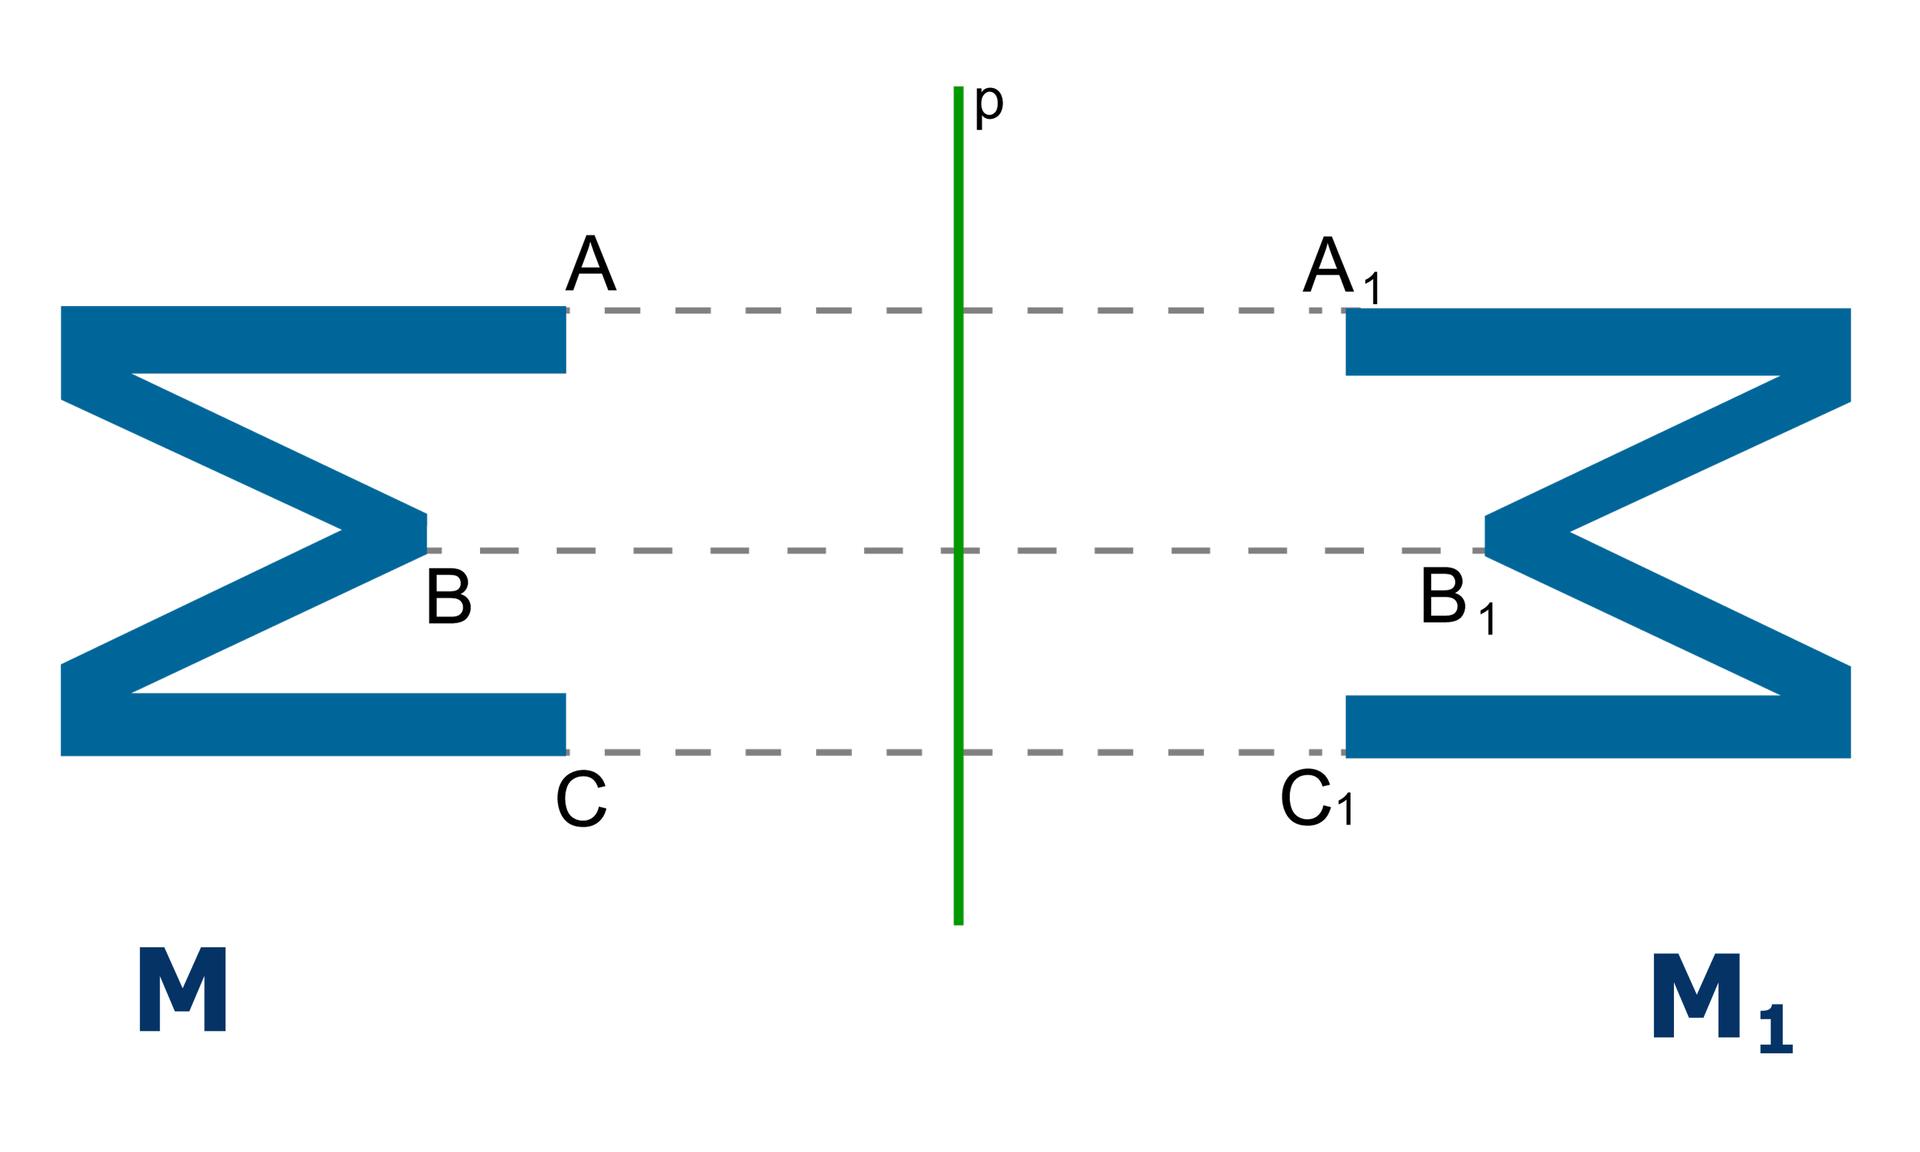 Rysunek figur MiMzindeksem dolnym jeden symetrycznej do Mwzględem prostej p. Do figury Mzindeksem dolnym jeden należą punkty Azindeksem dolnym jeden, Bzindeksem dolnym jeden, Czindeksem dolnym jeden, które są obrazem punktów A, BiCfigury Mwsymetrii osiowej względem prostej p.